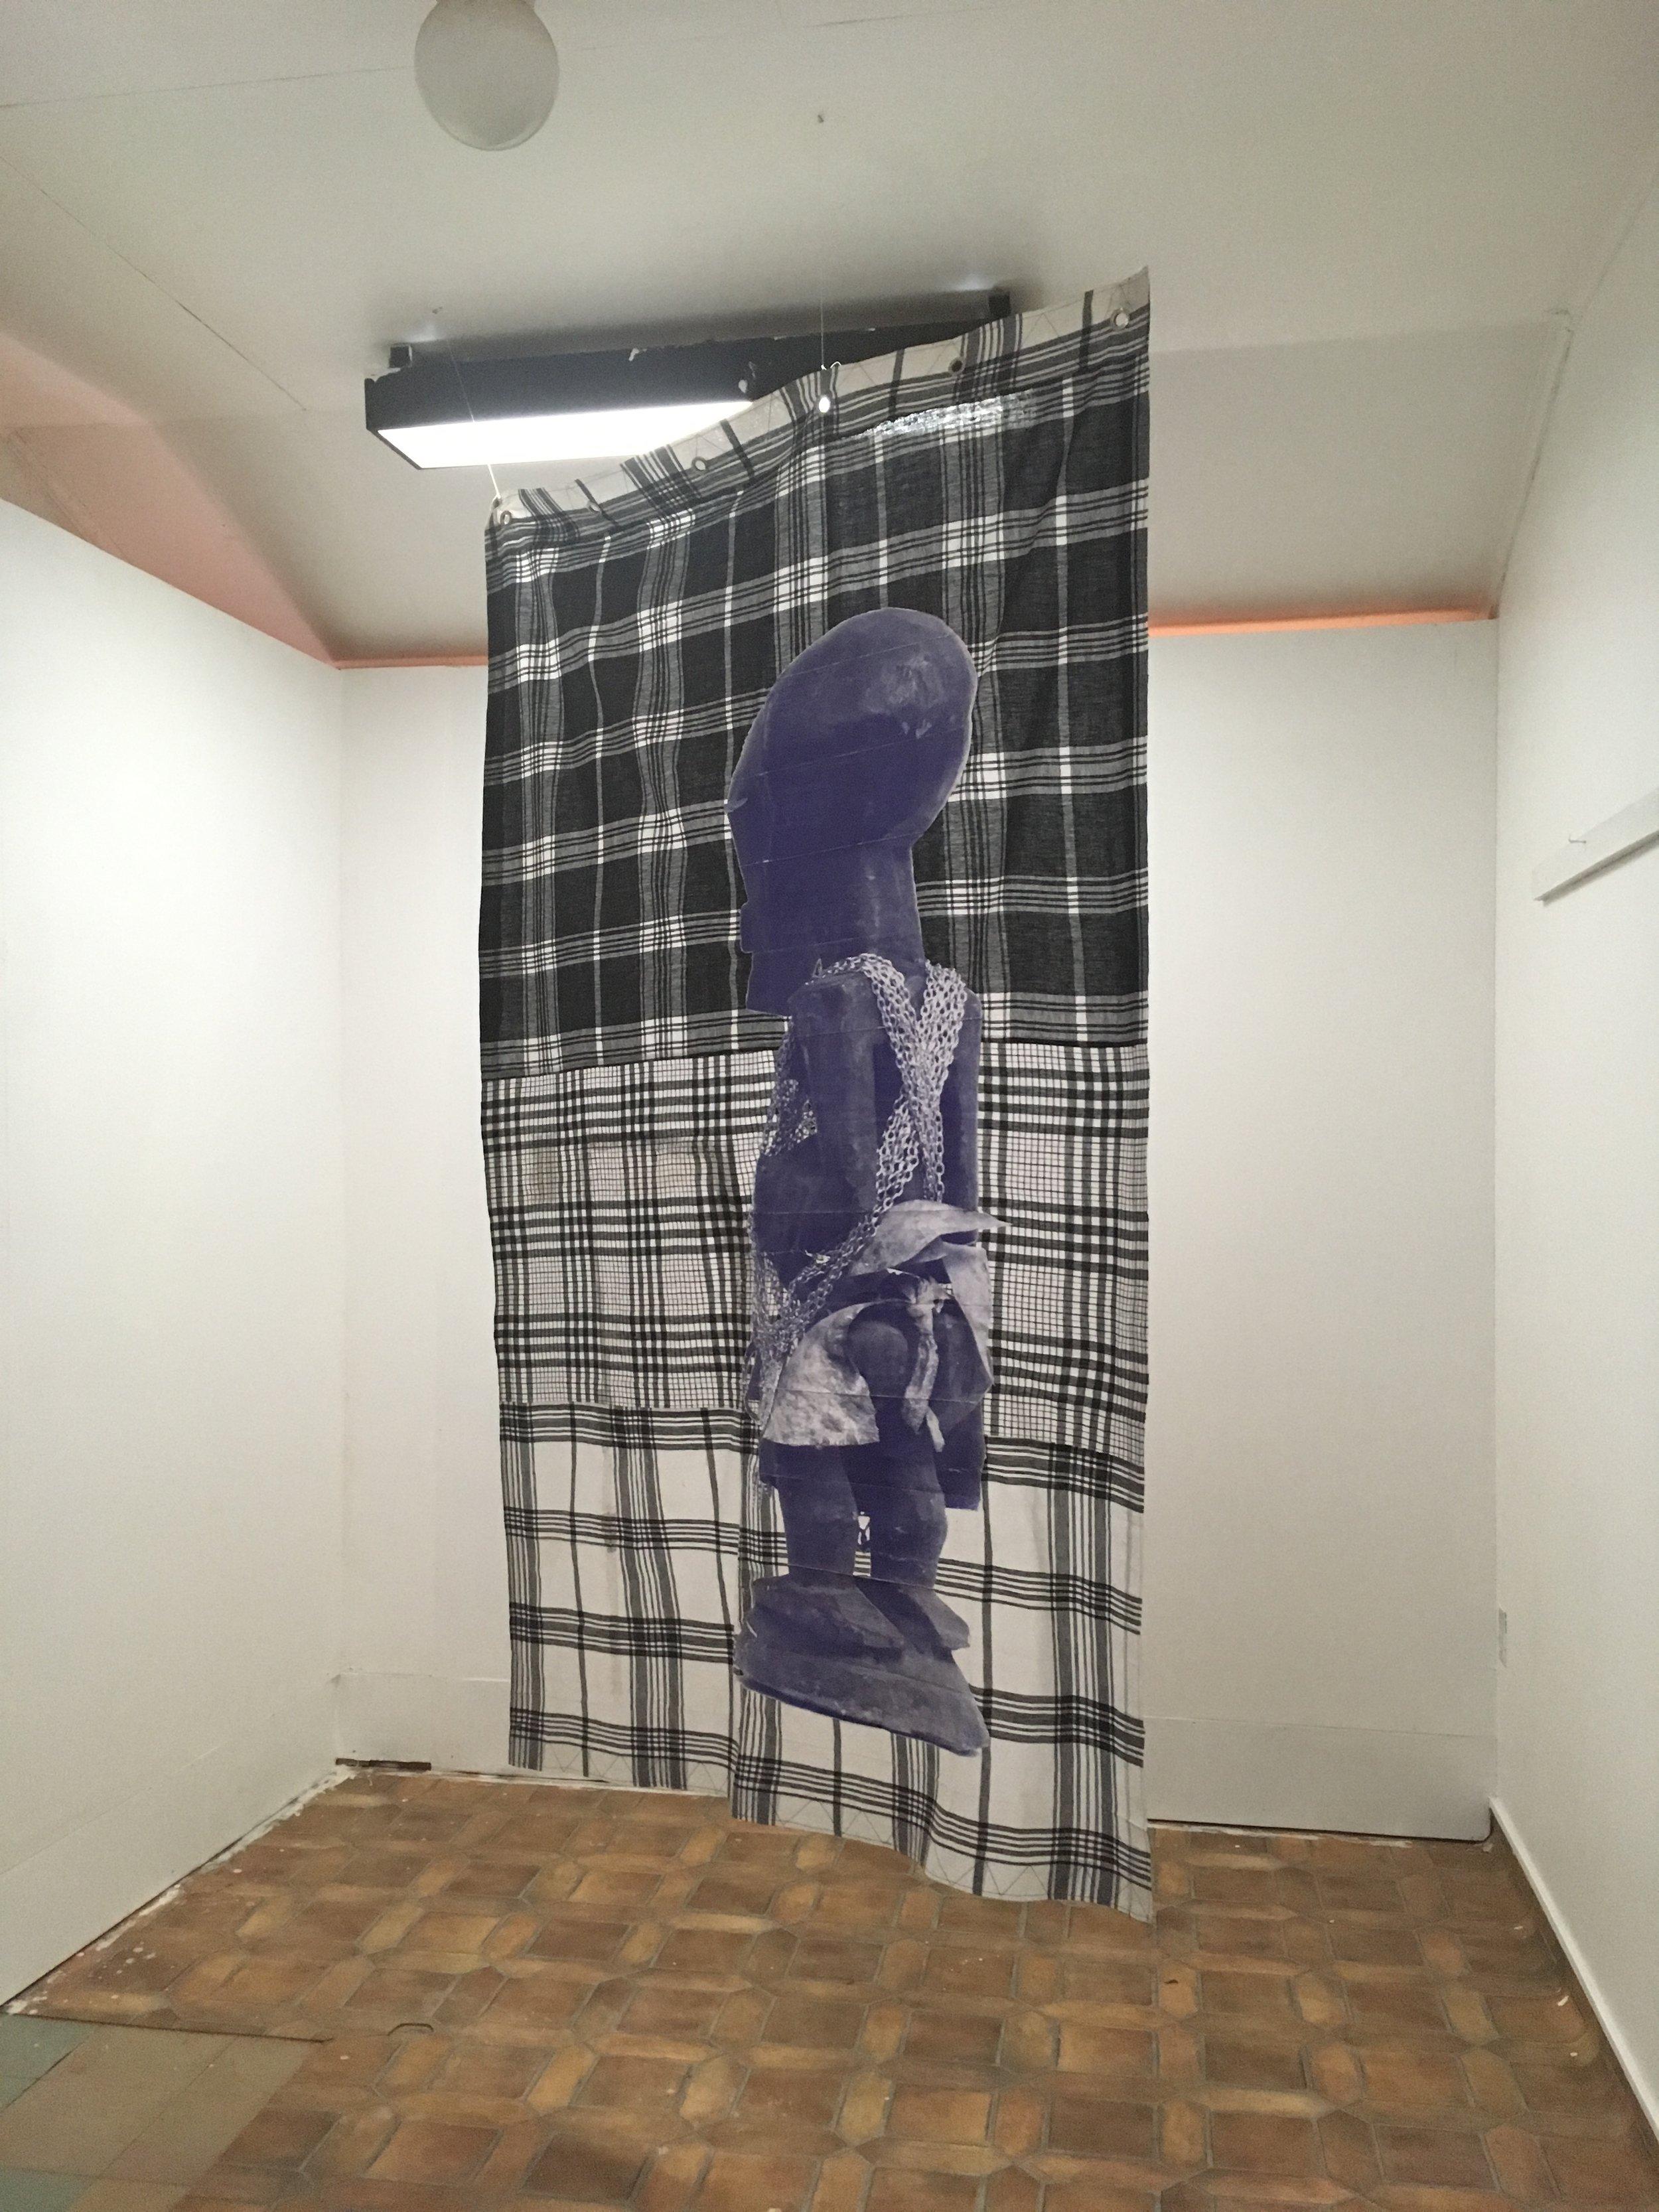 Inside CAMM:  Cottica  (2005-2010) a work by Netherlands-based Surinamese artist Remy Jungerman, referencing the Surinamese legend of the Bakru, a figure similar to Rumpelstilskin.